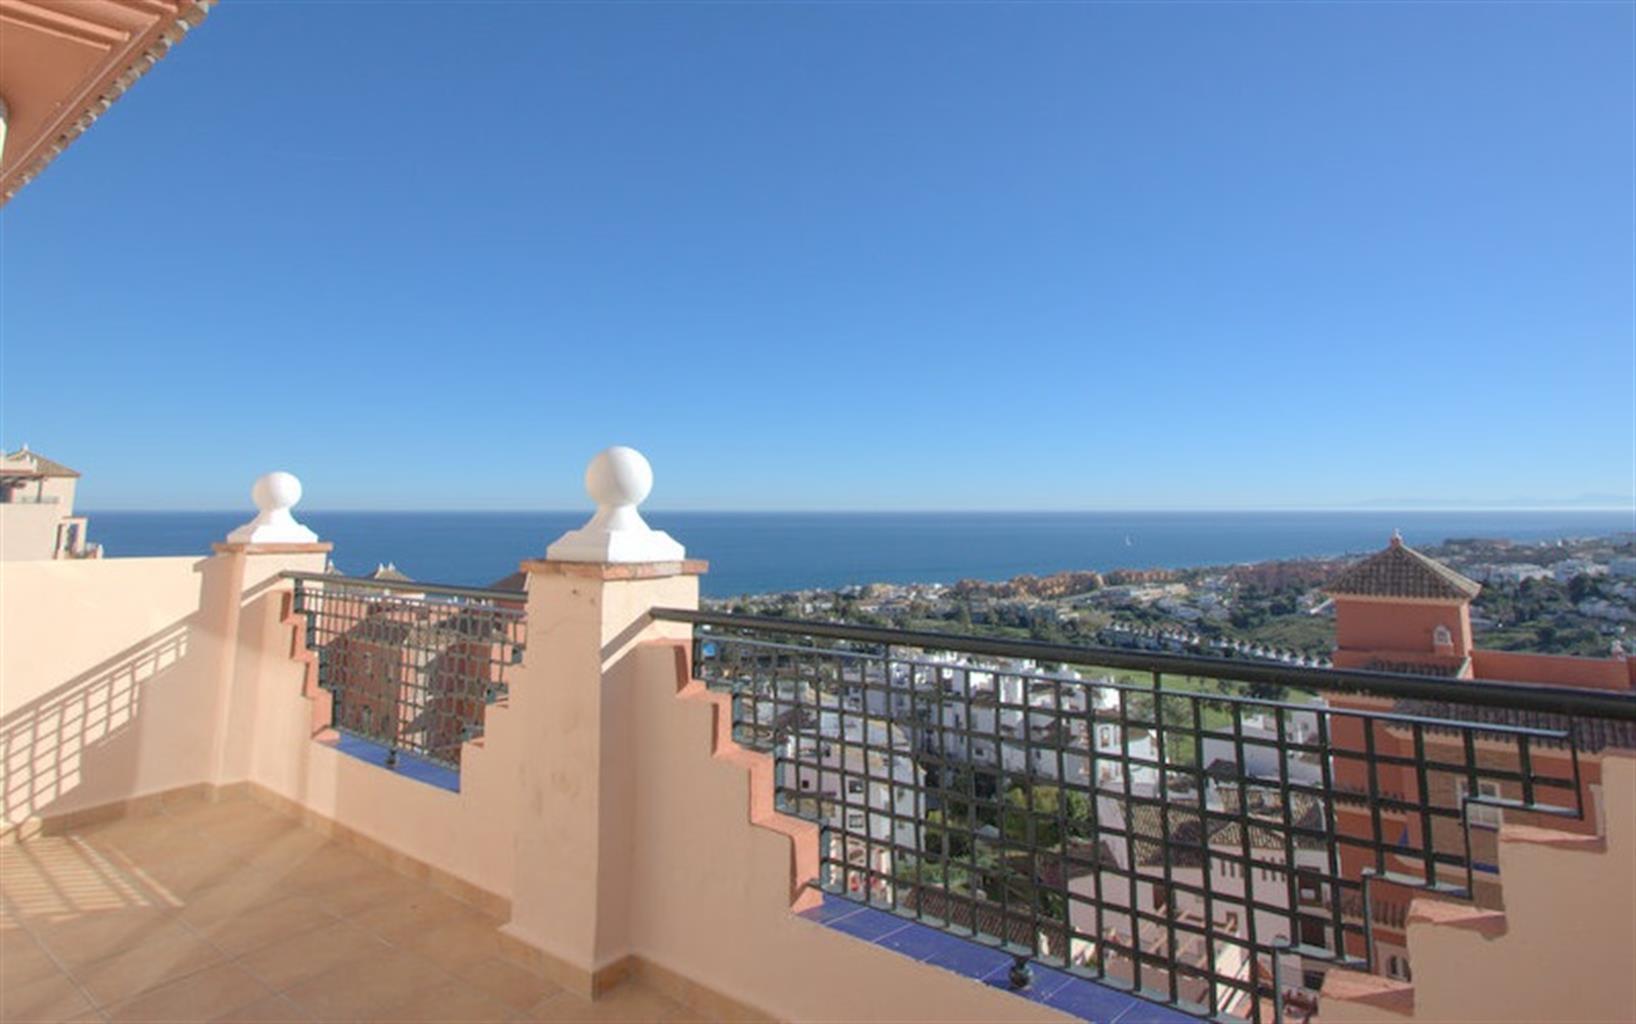 Appartement avec une vue spectaculaire sur la mer et le golf, trois chambres, piscine commune et à proximité de la plage.